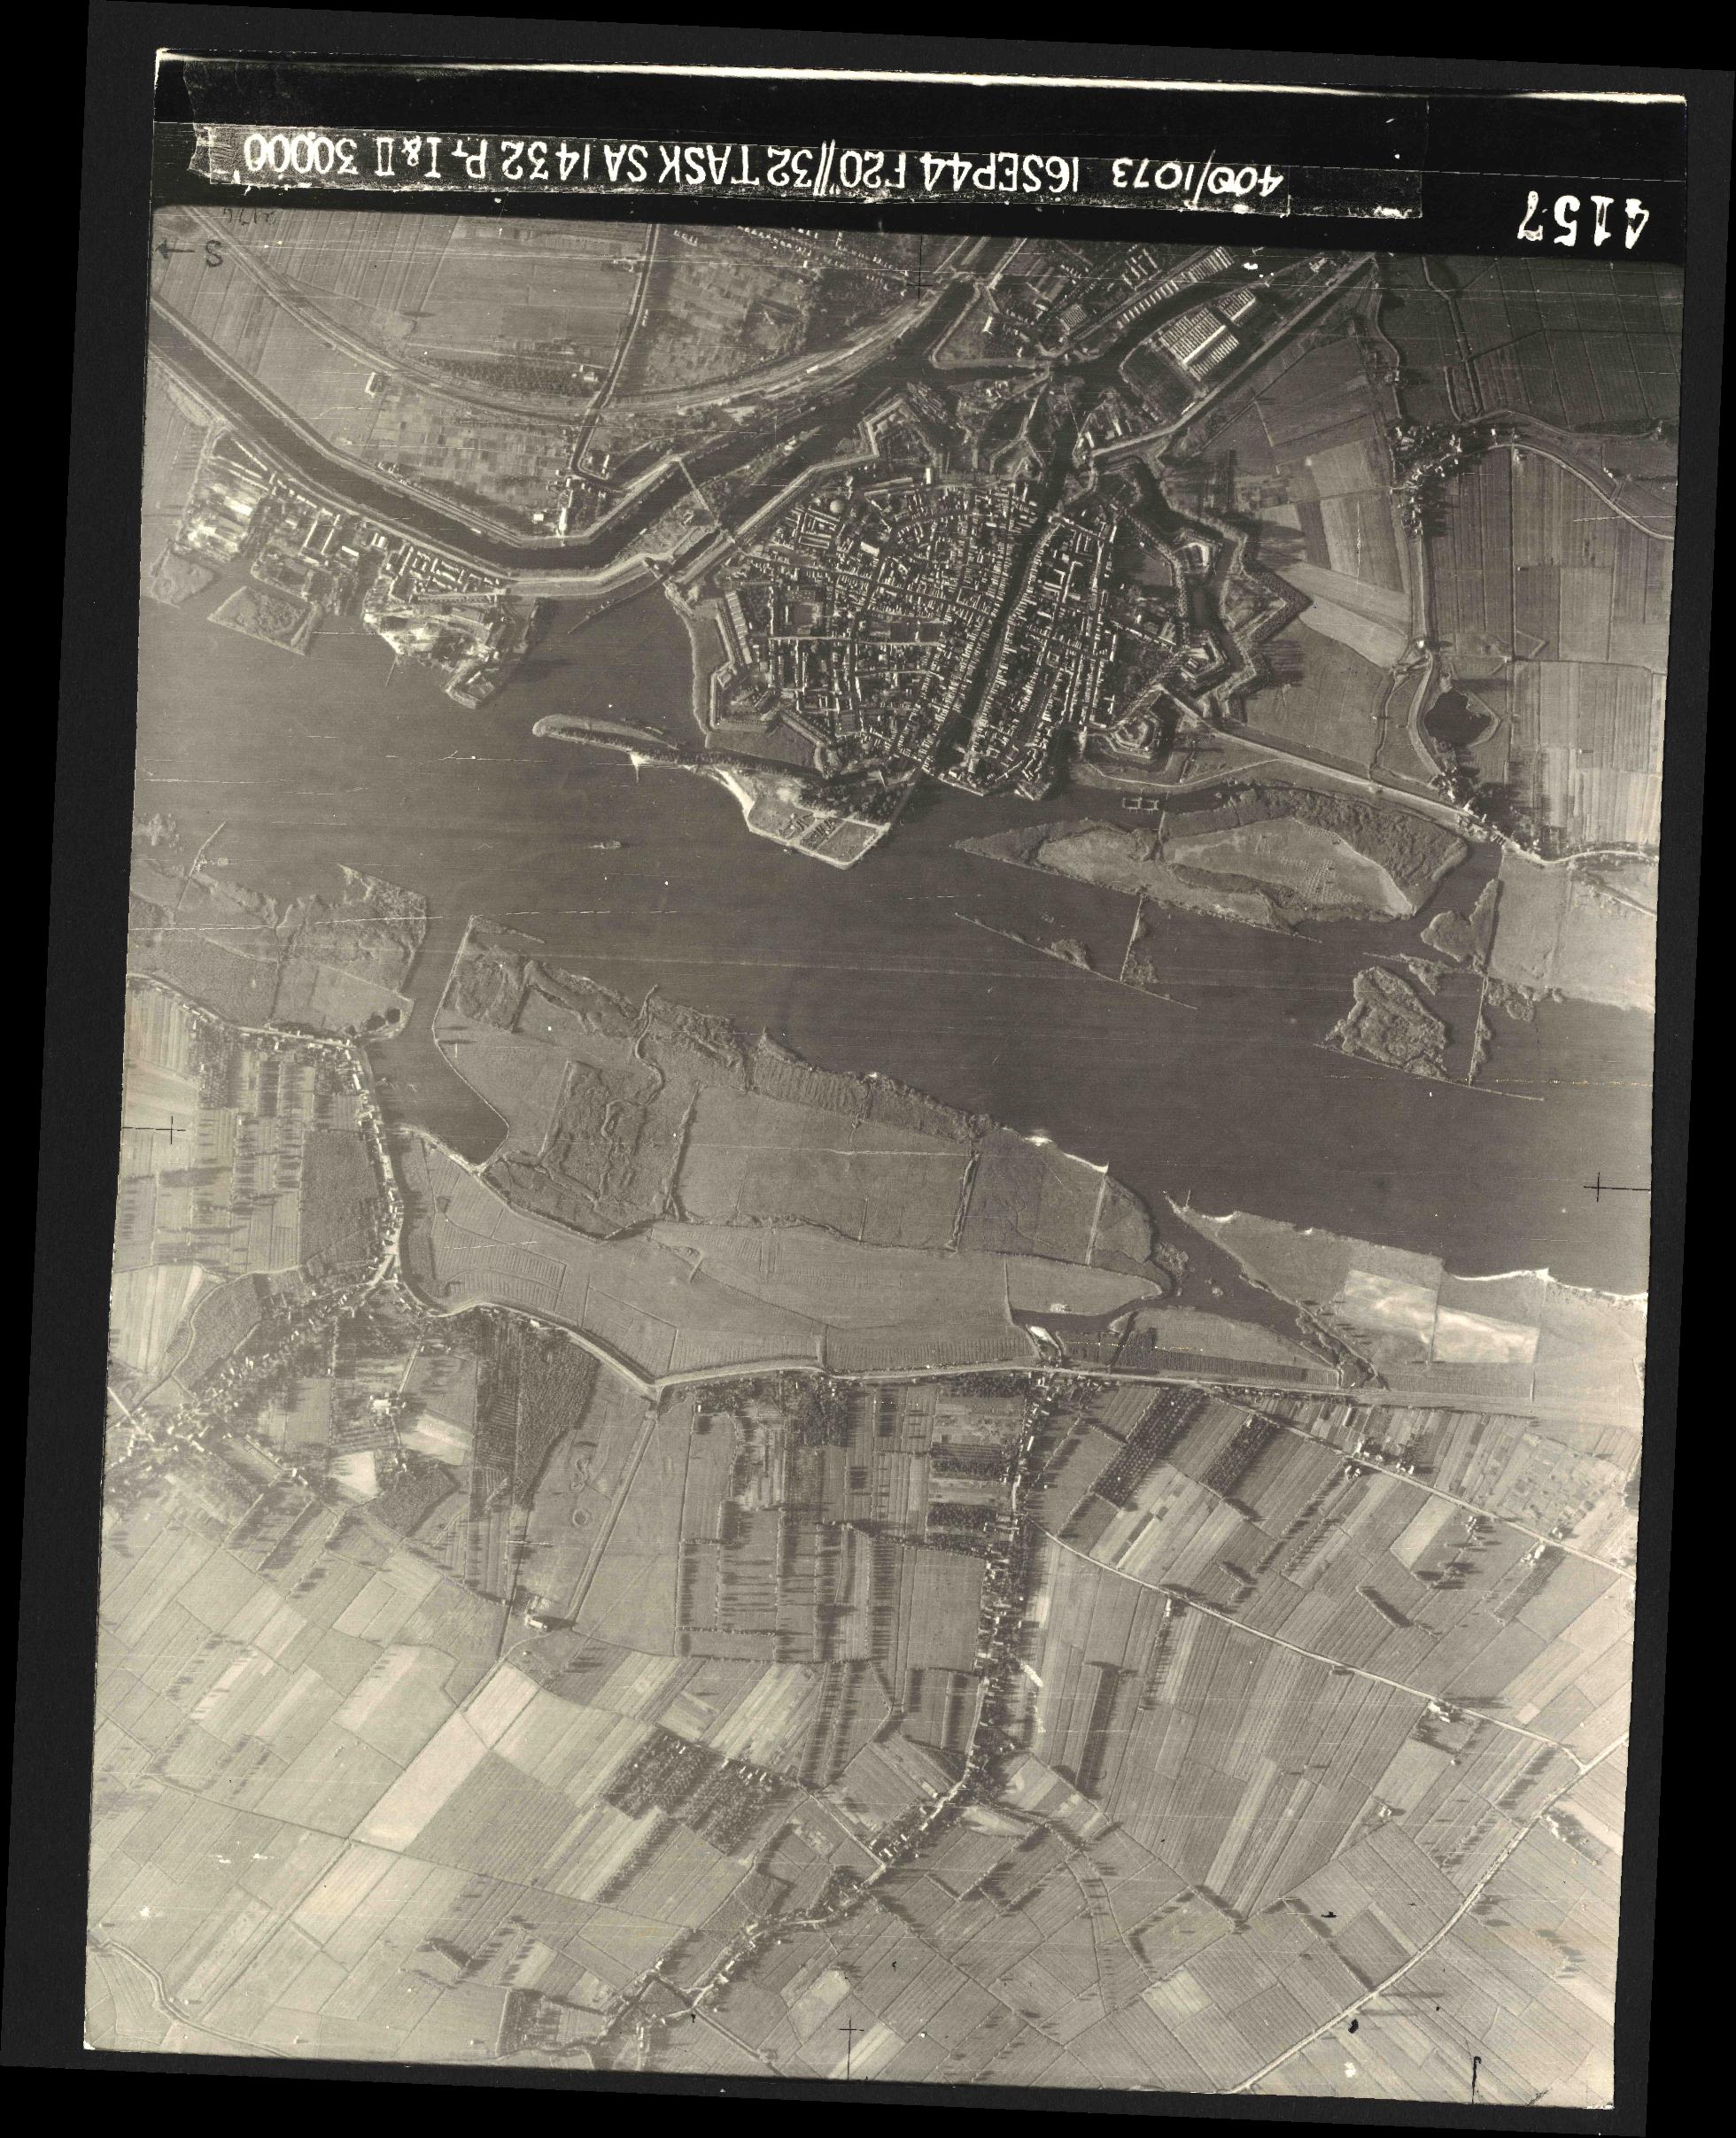 Collection RAF aerial photos 1940-1945 - flight 013, run 01, photo 4157